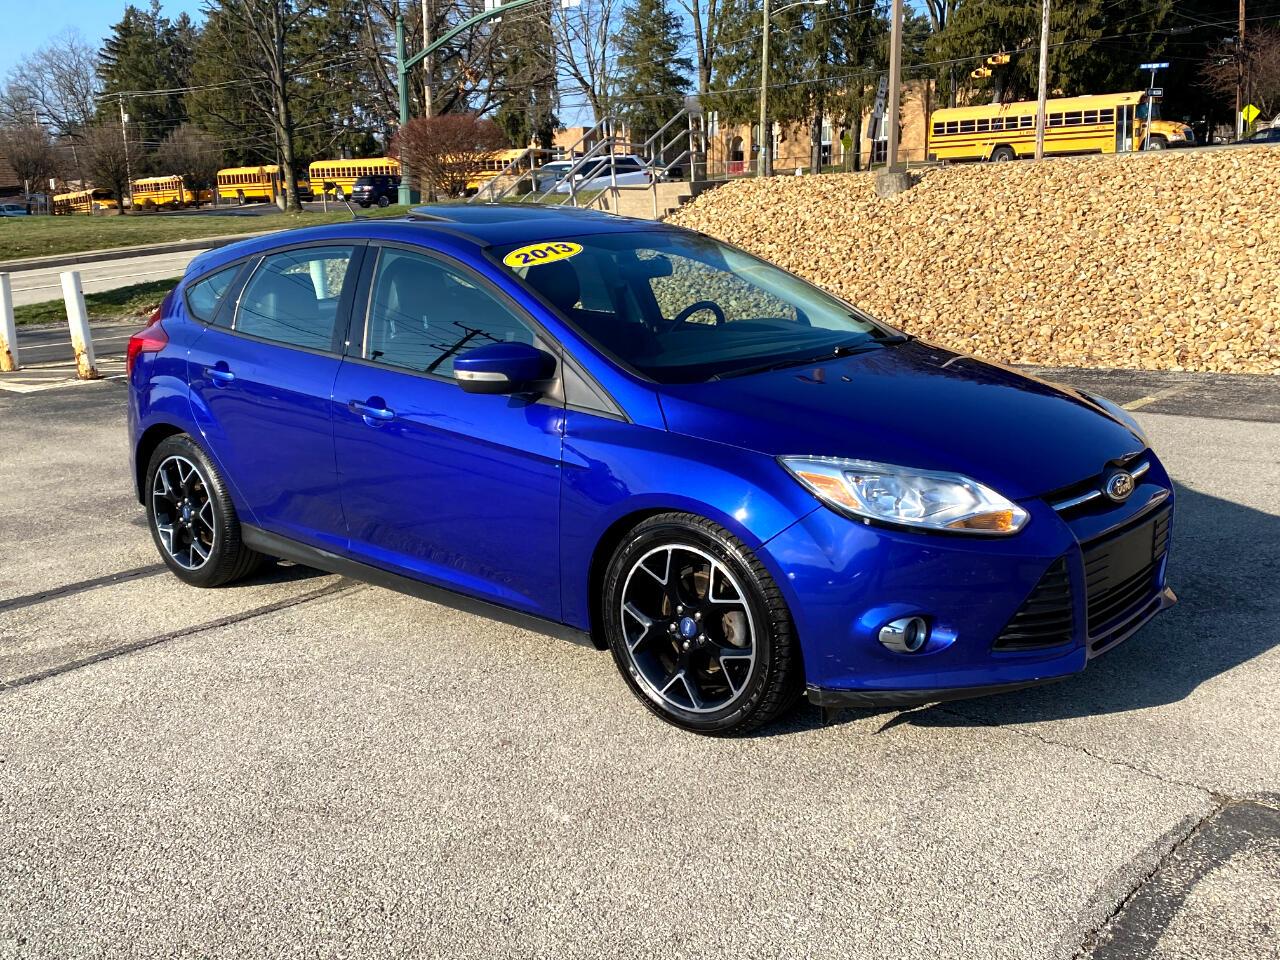 Ford Focus SE Hatch 2013